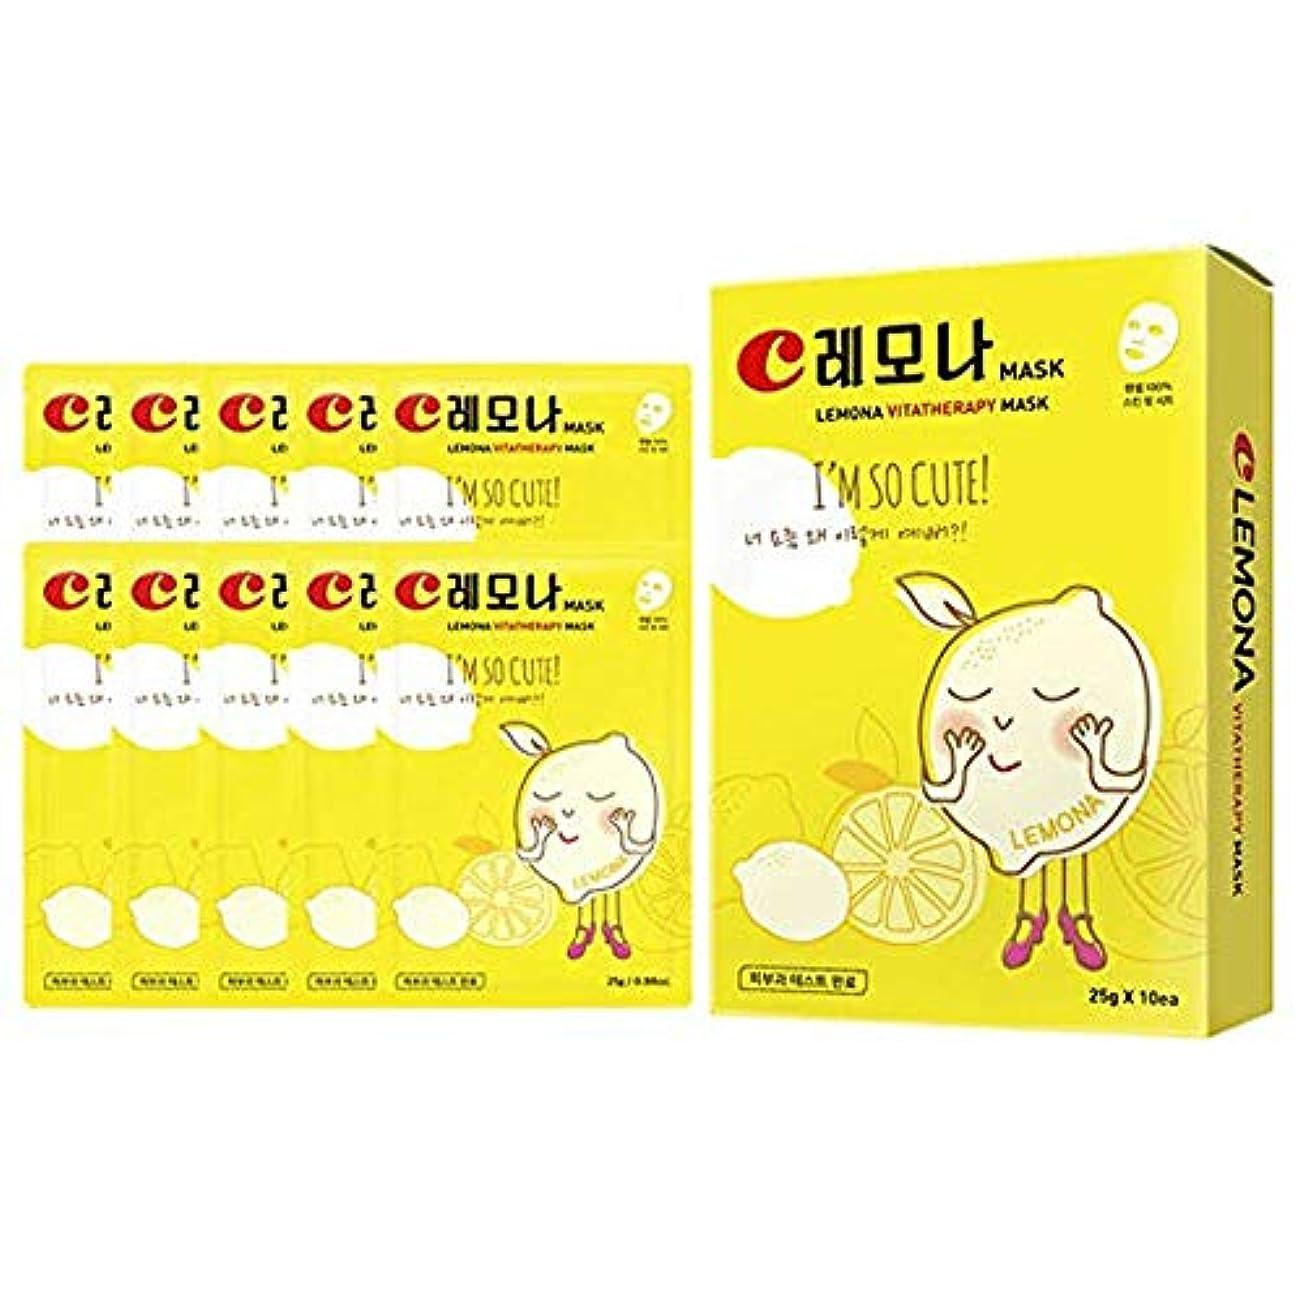 叱るどういたしましてつづり[MISOWEOL]レモナビタミンマスクパック[並行輸入品](345g) : 10ea/pack [ Lemona Vita Therapy Mask(345g) : 10ea/pack ]